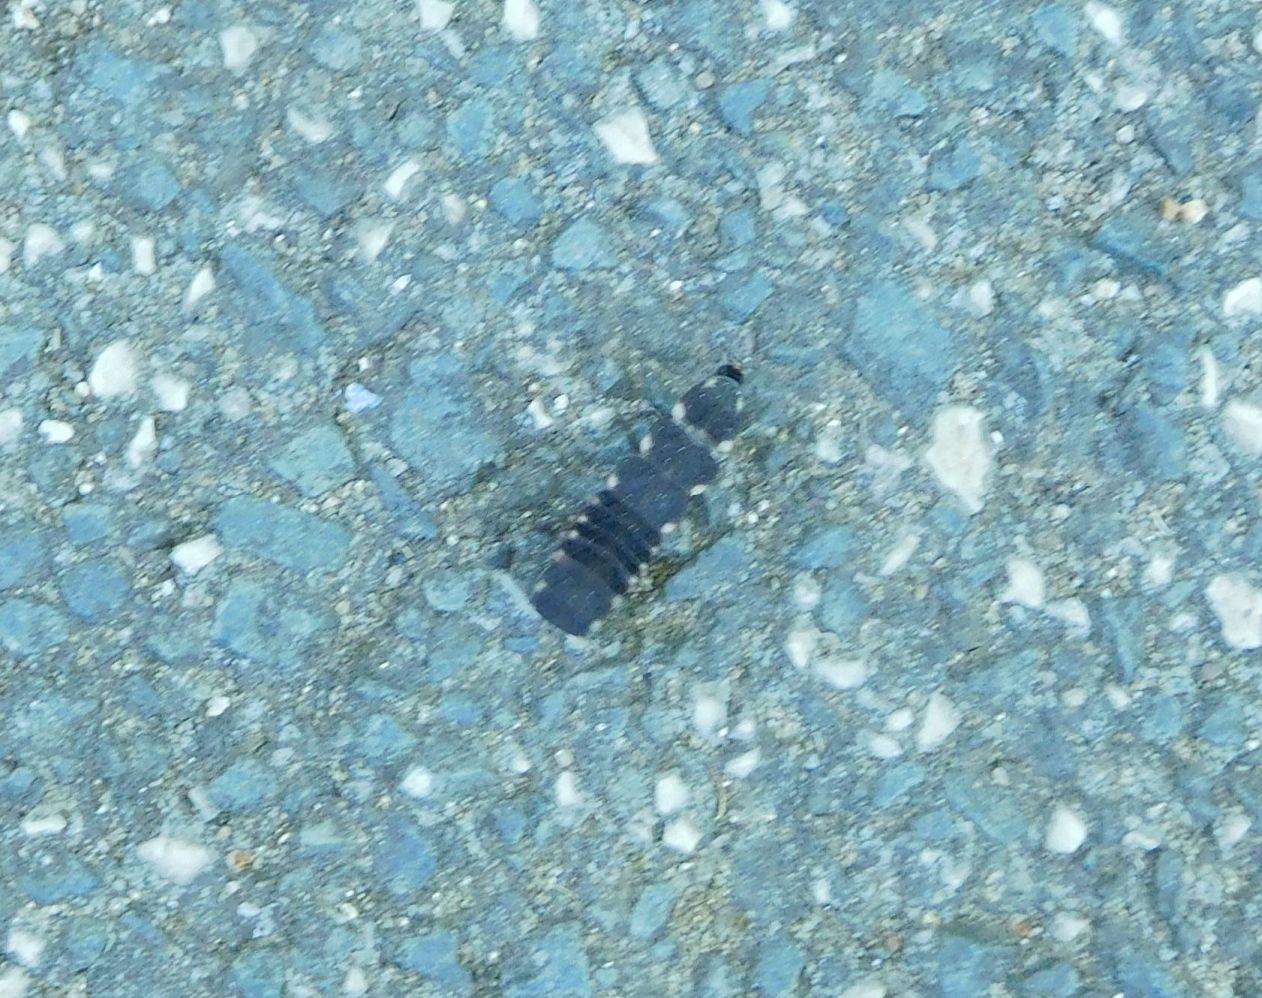 Lampyridae: larva